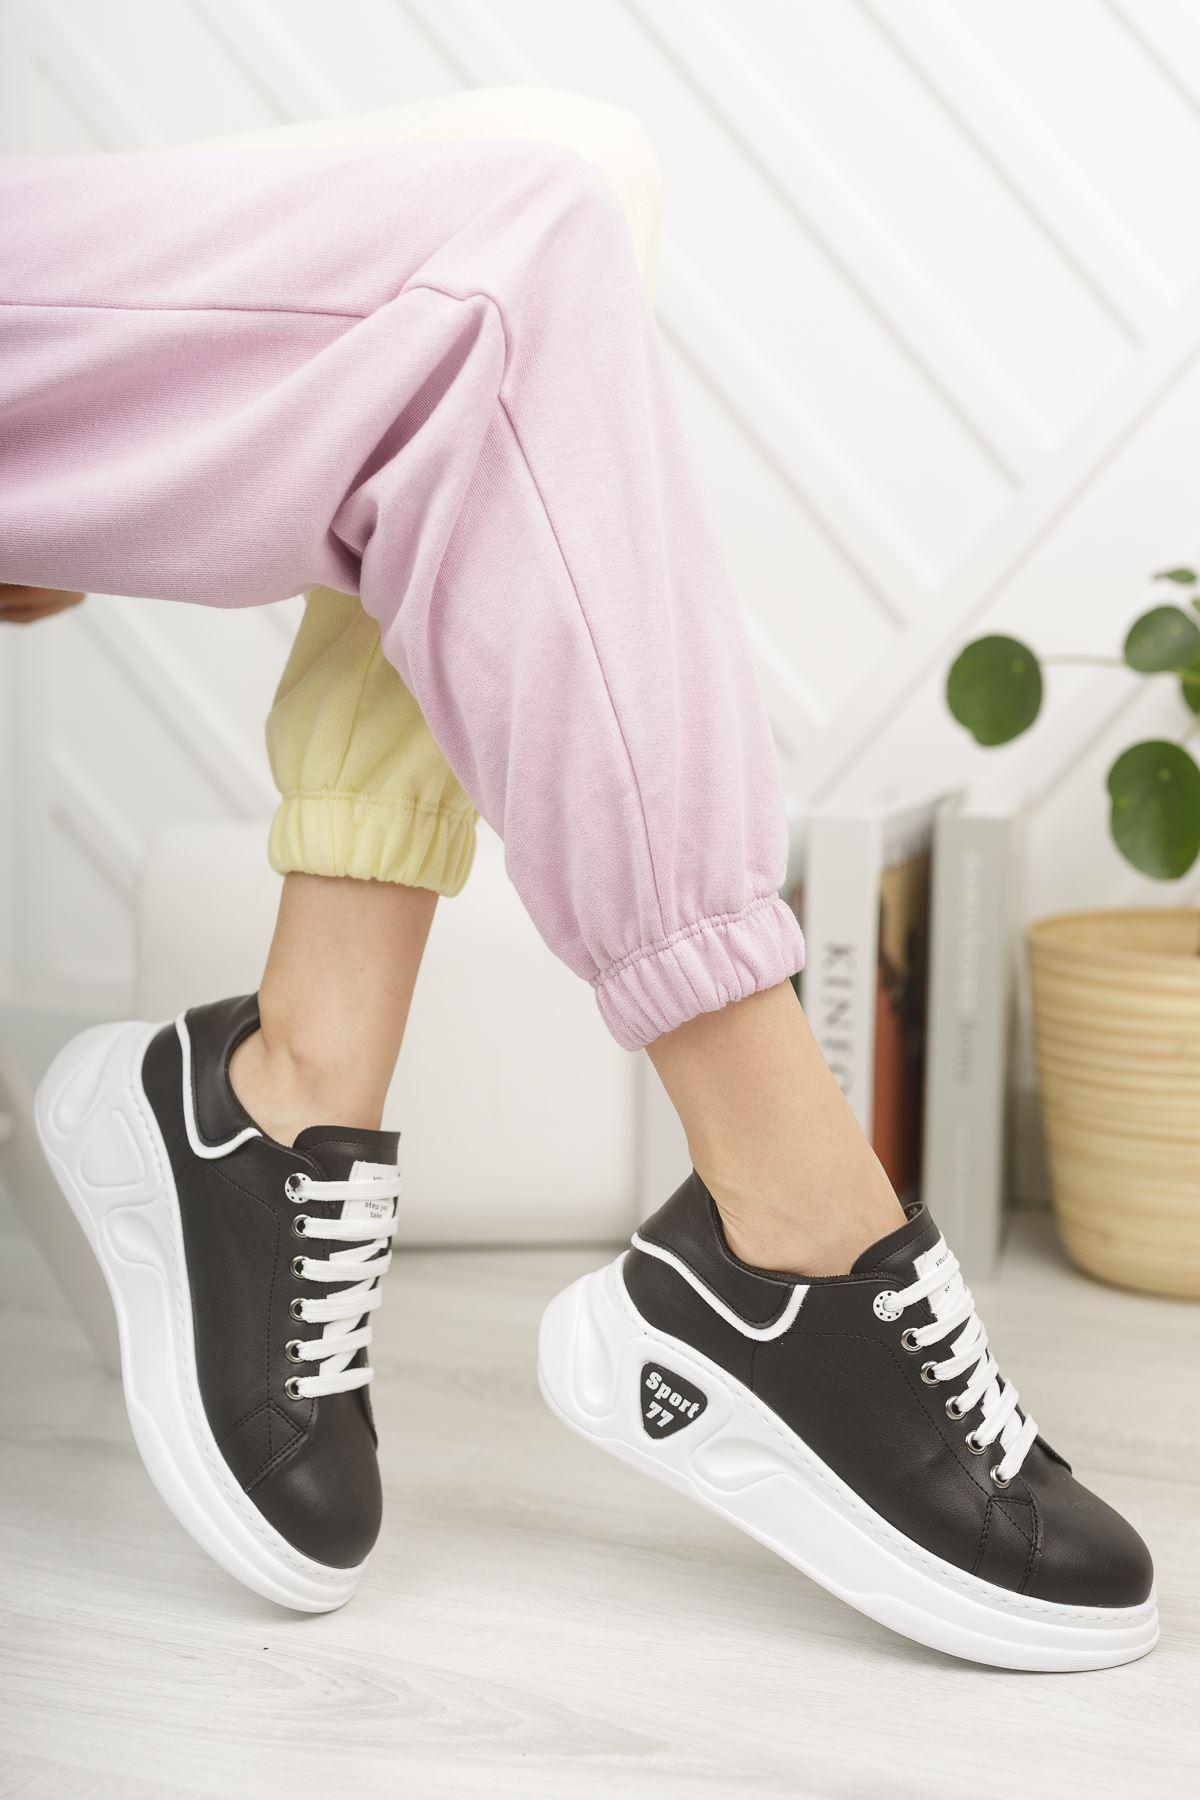 Kadın Taylor  Kalın Taban Siyah Spor Ayakkabı Bağcıklı Mat Deri